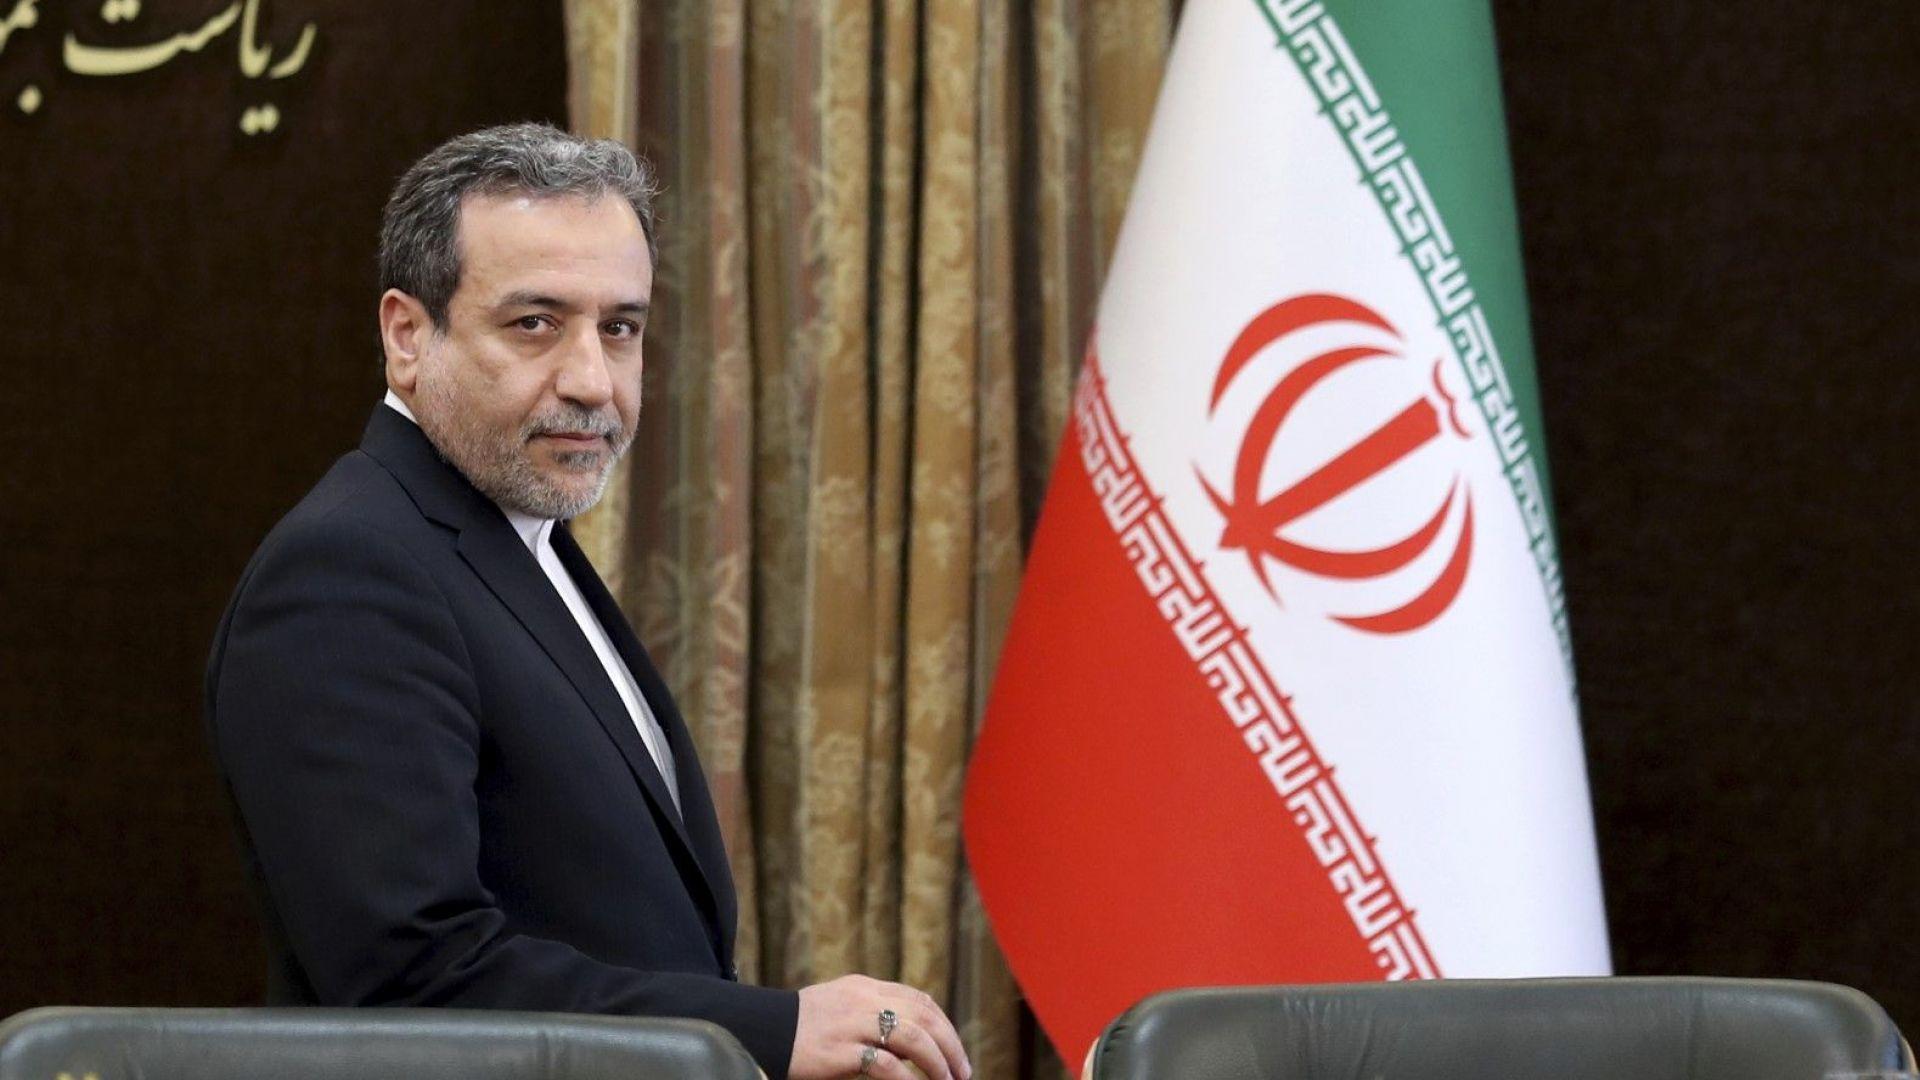 """Техеран обяви, че плененият танкер не плавал за Сирия, а за """"някъде другаде"""""""